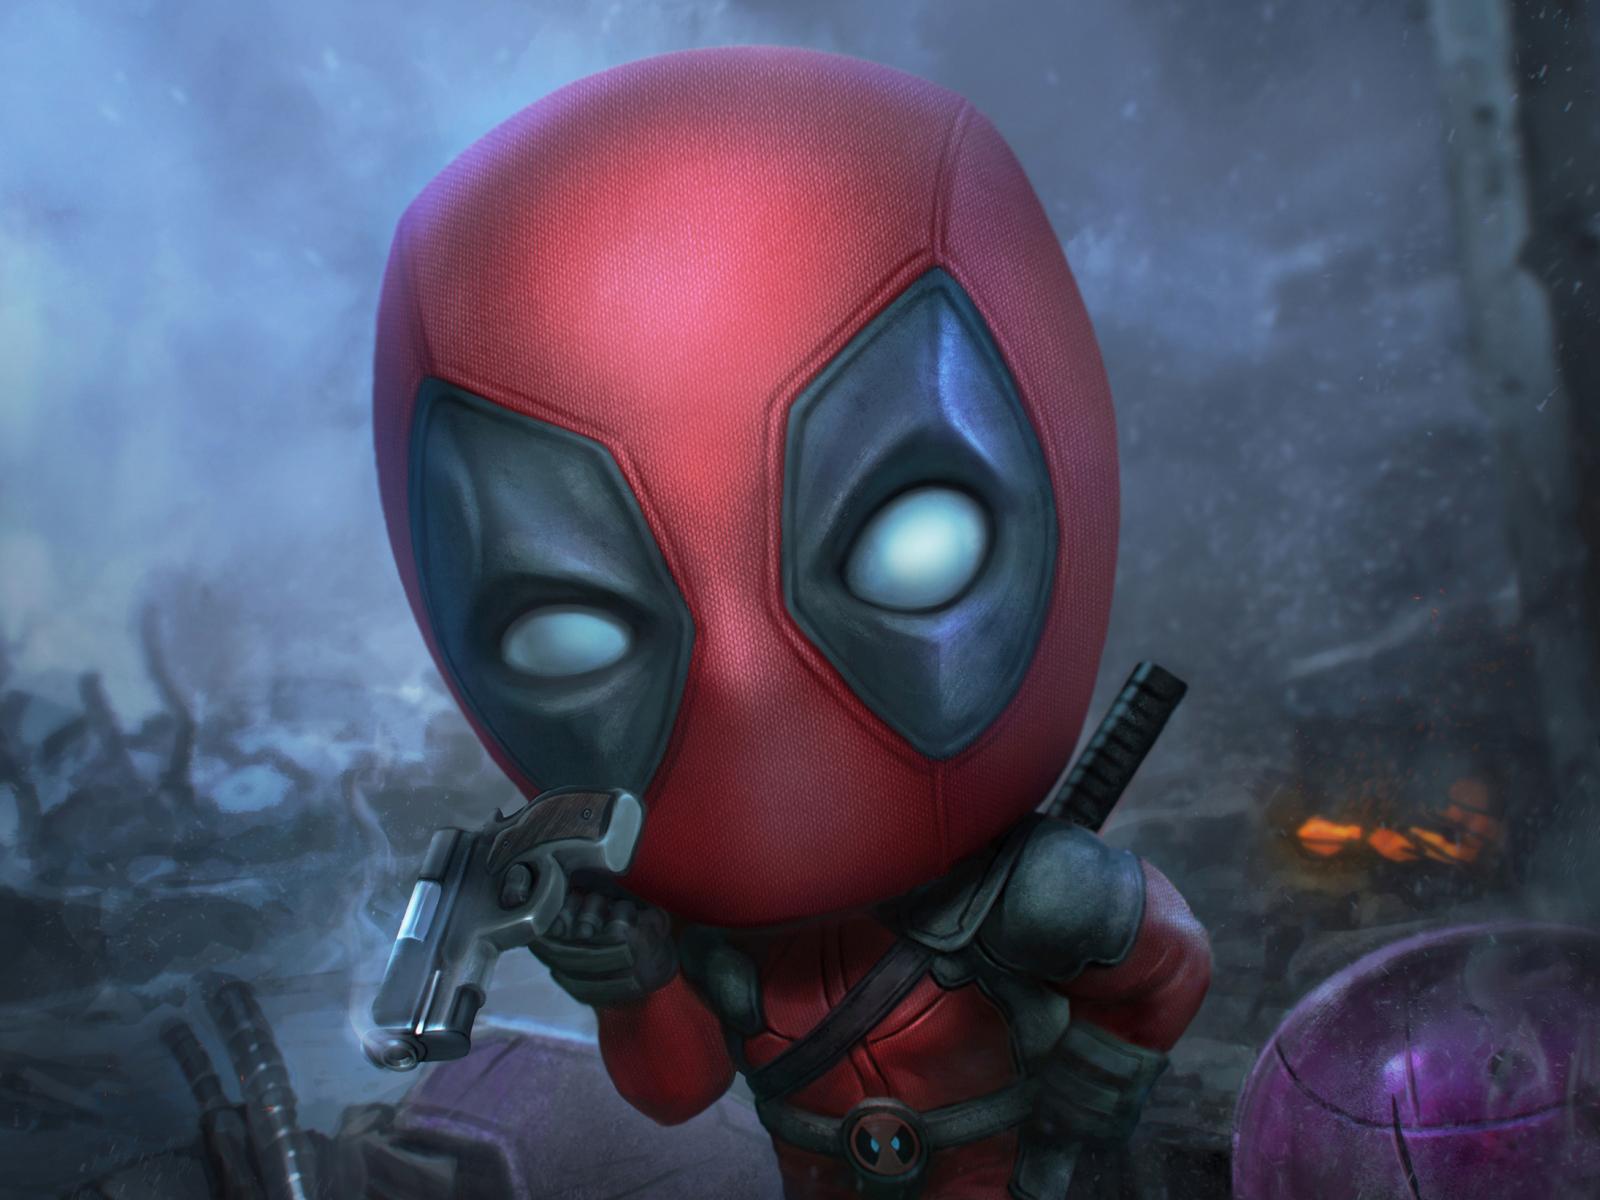 Desktop Wallpaper Deadpool Funny Face Fan Art Hd Image Picture Background Bbfede